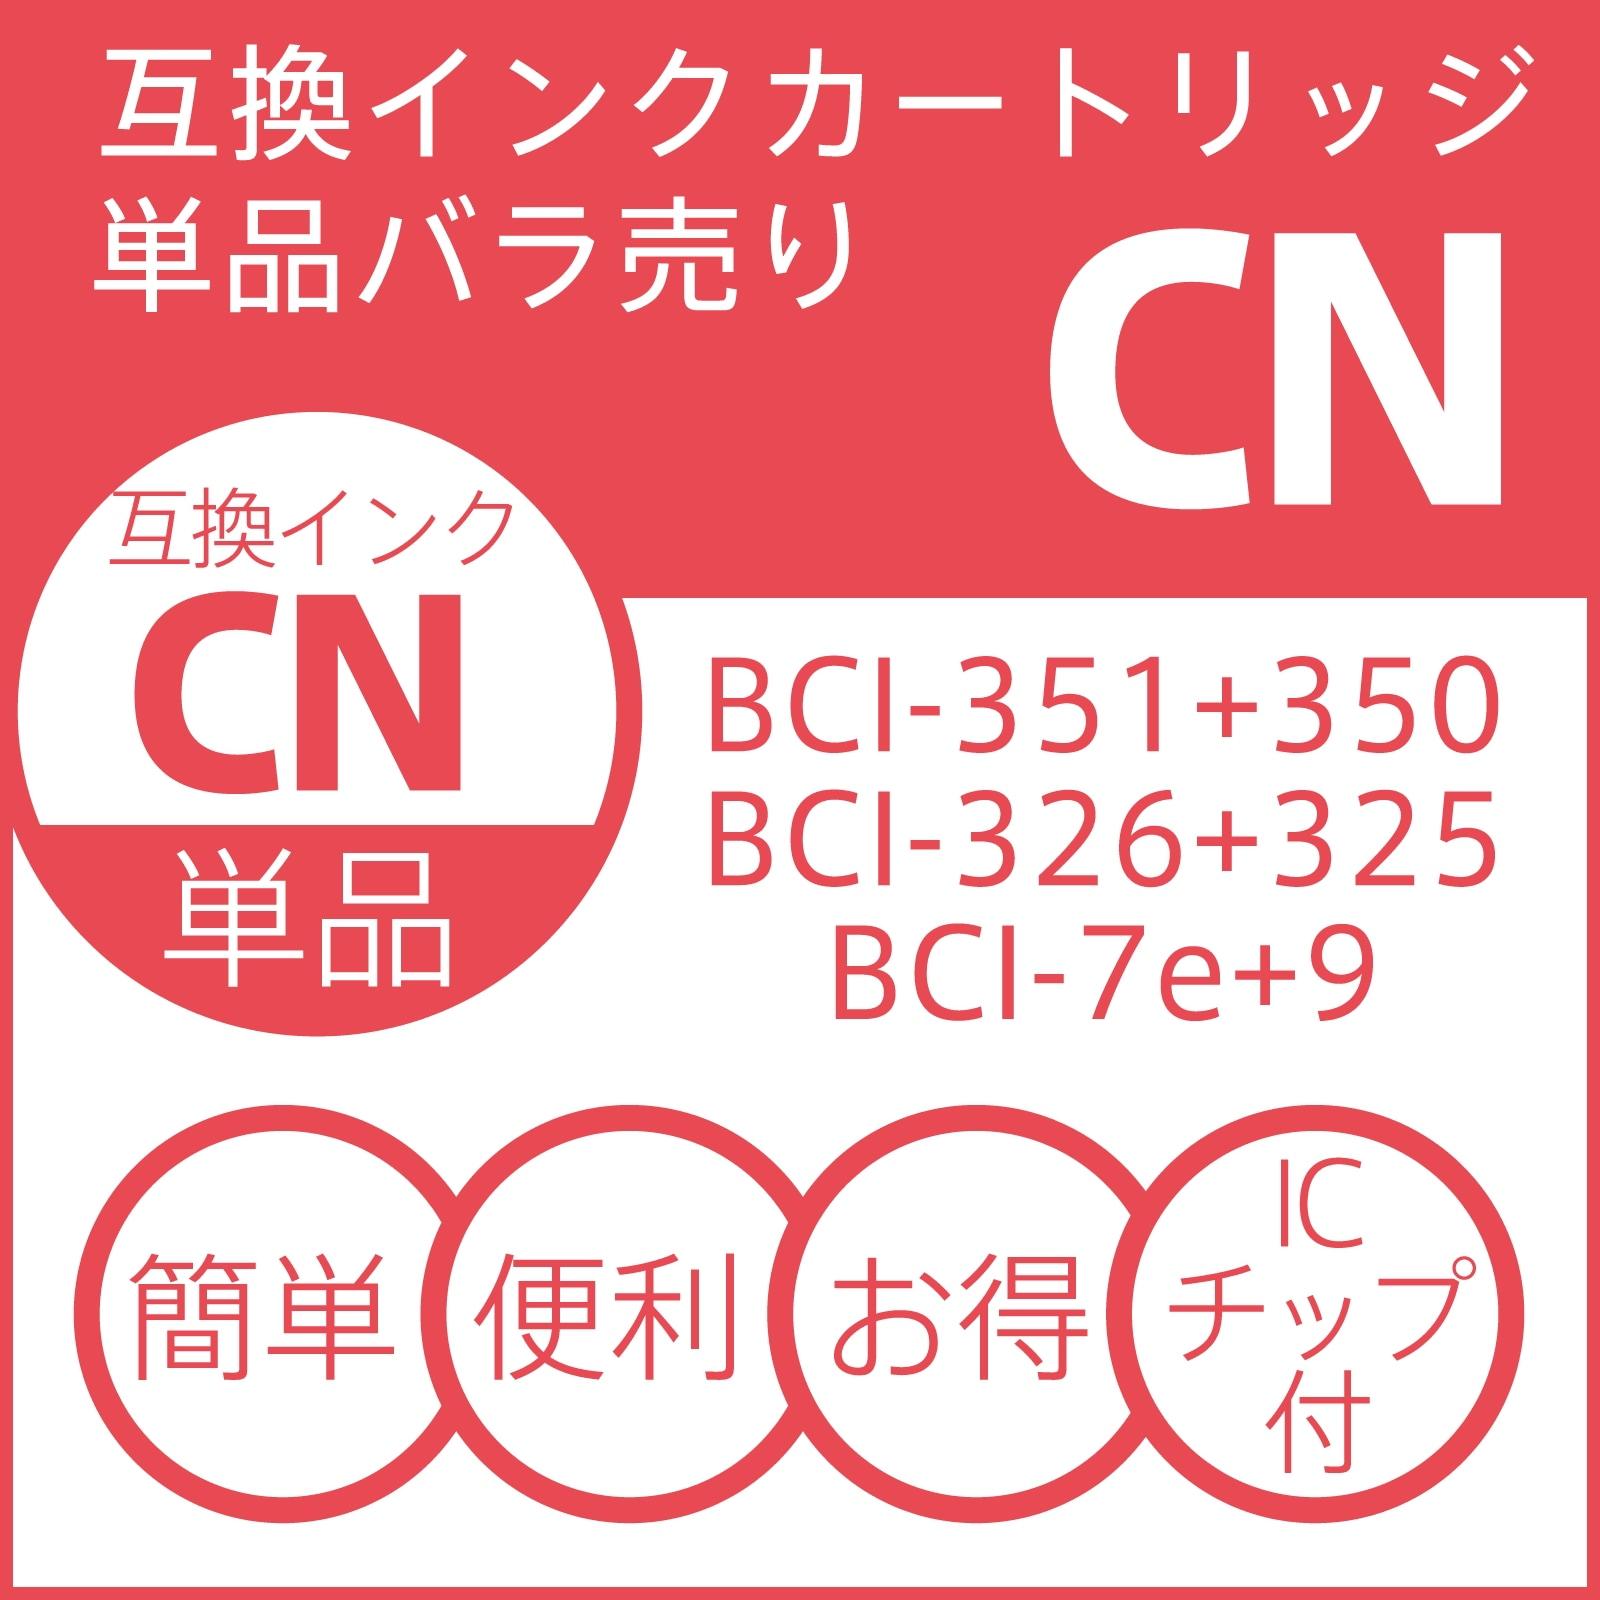 【Canon互換】【単品】互換インクカートリッジキャノン BCI-351/350/326/325/7e/9 年賀状 写真印刷